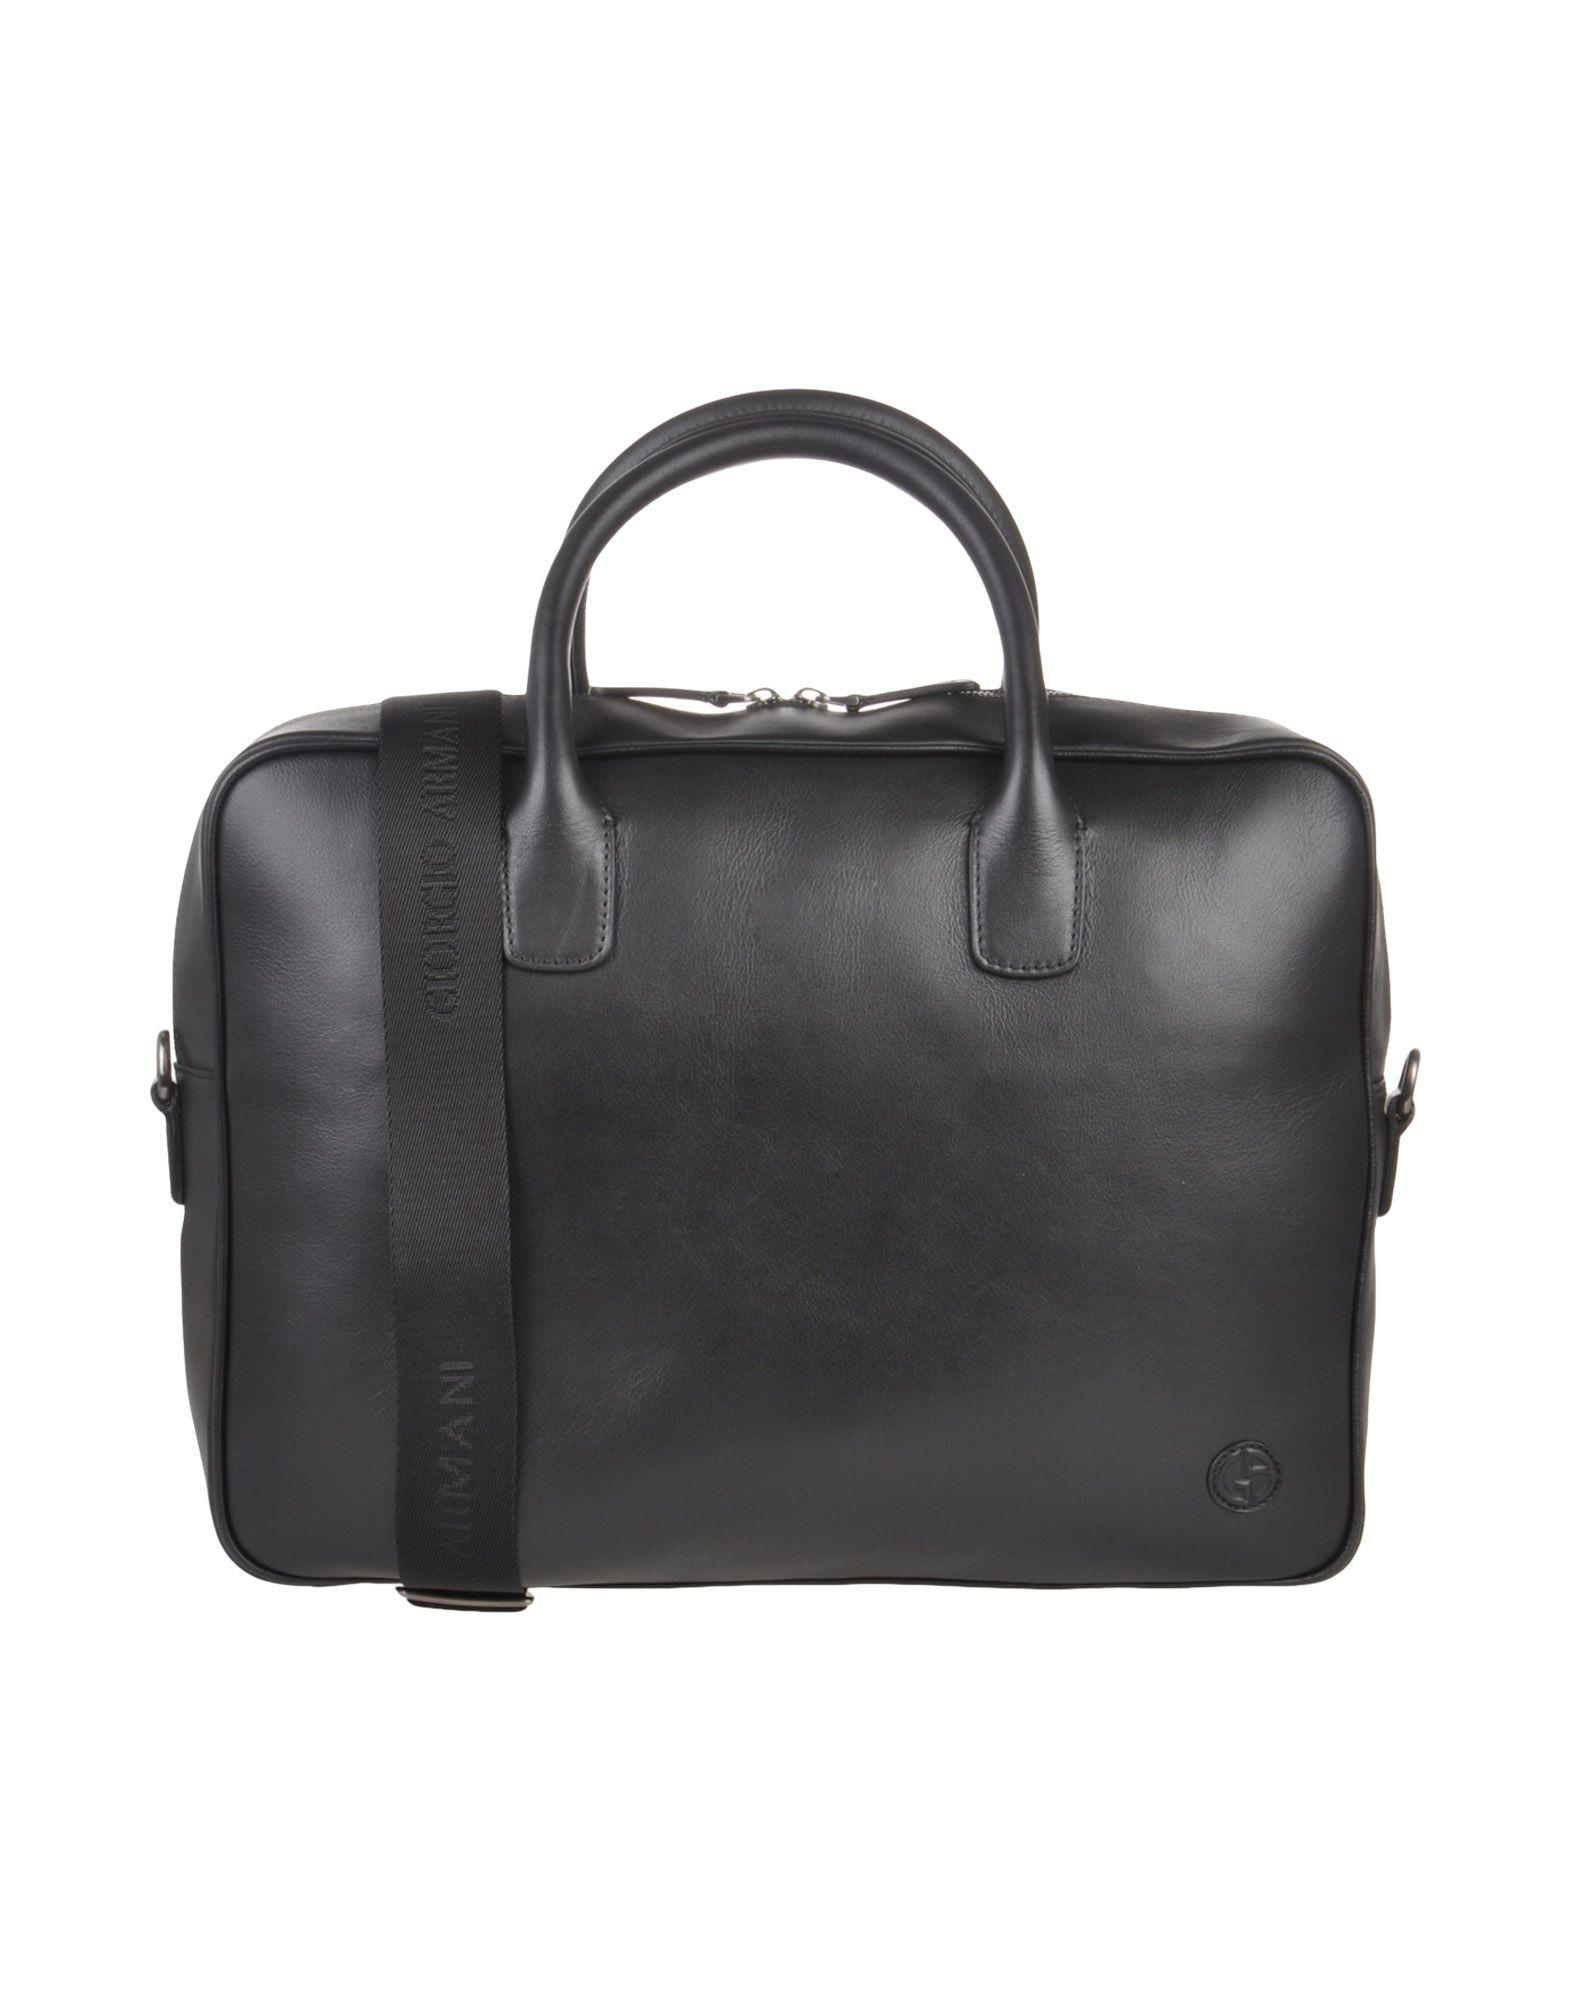 d727fa81f374 Lyst - Giorgio Armani Work Bags in Black for Men